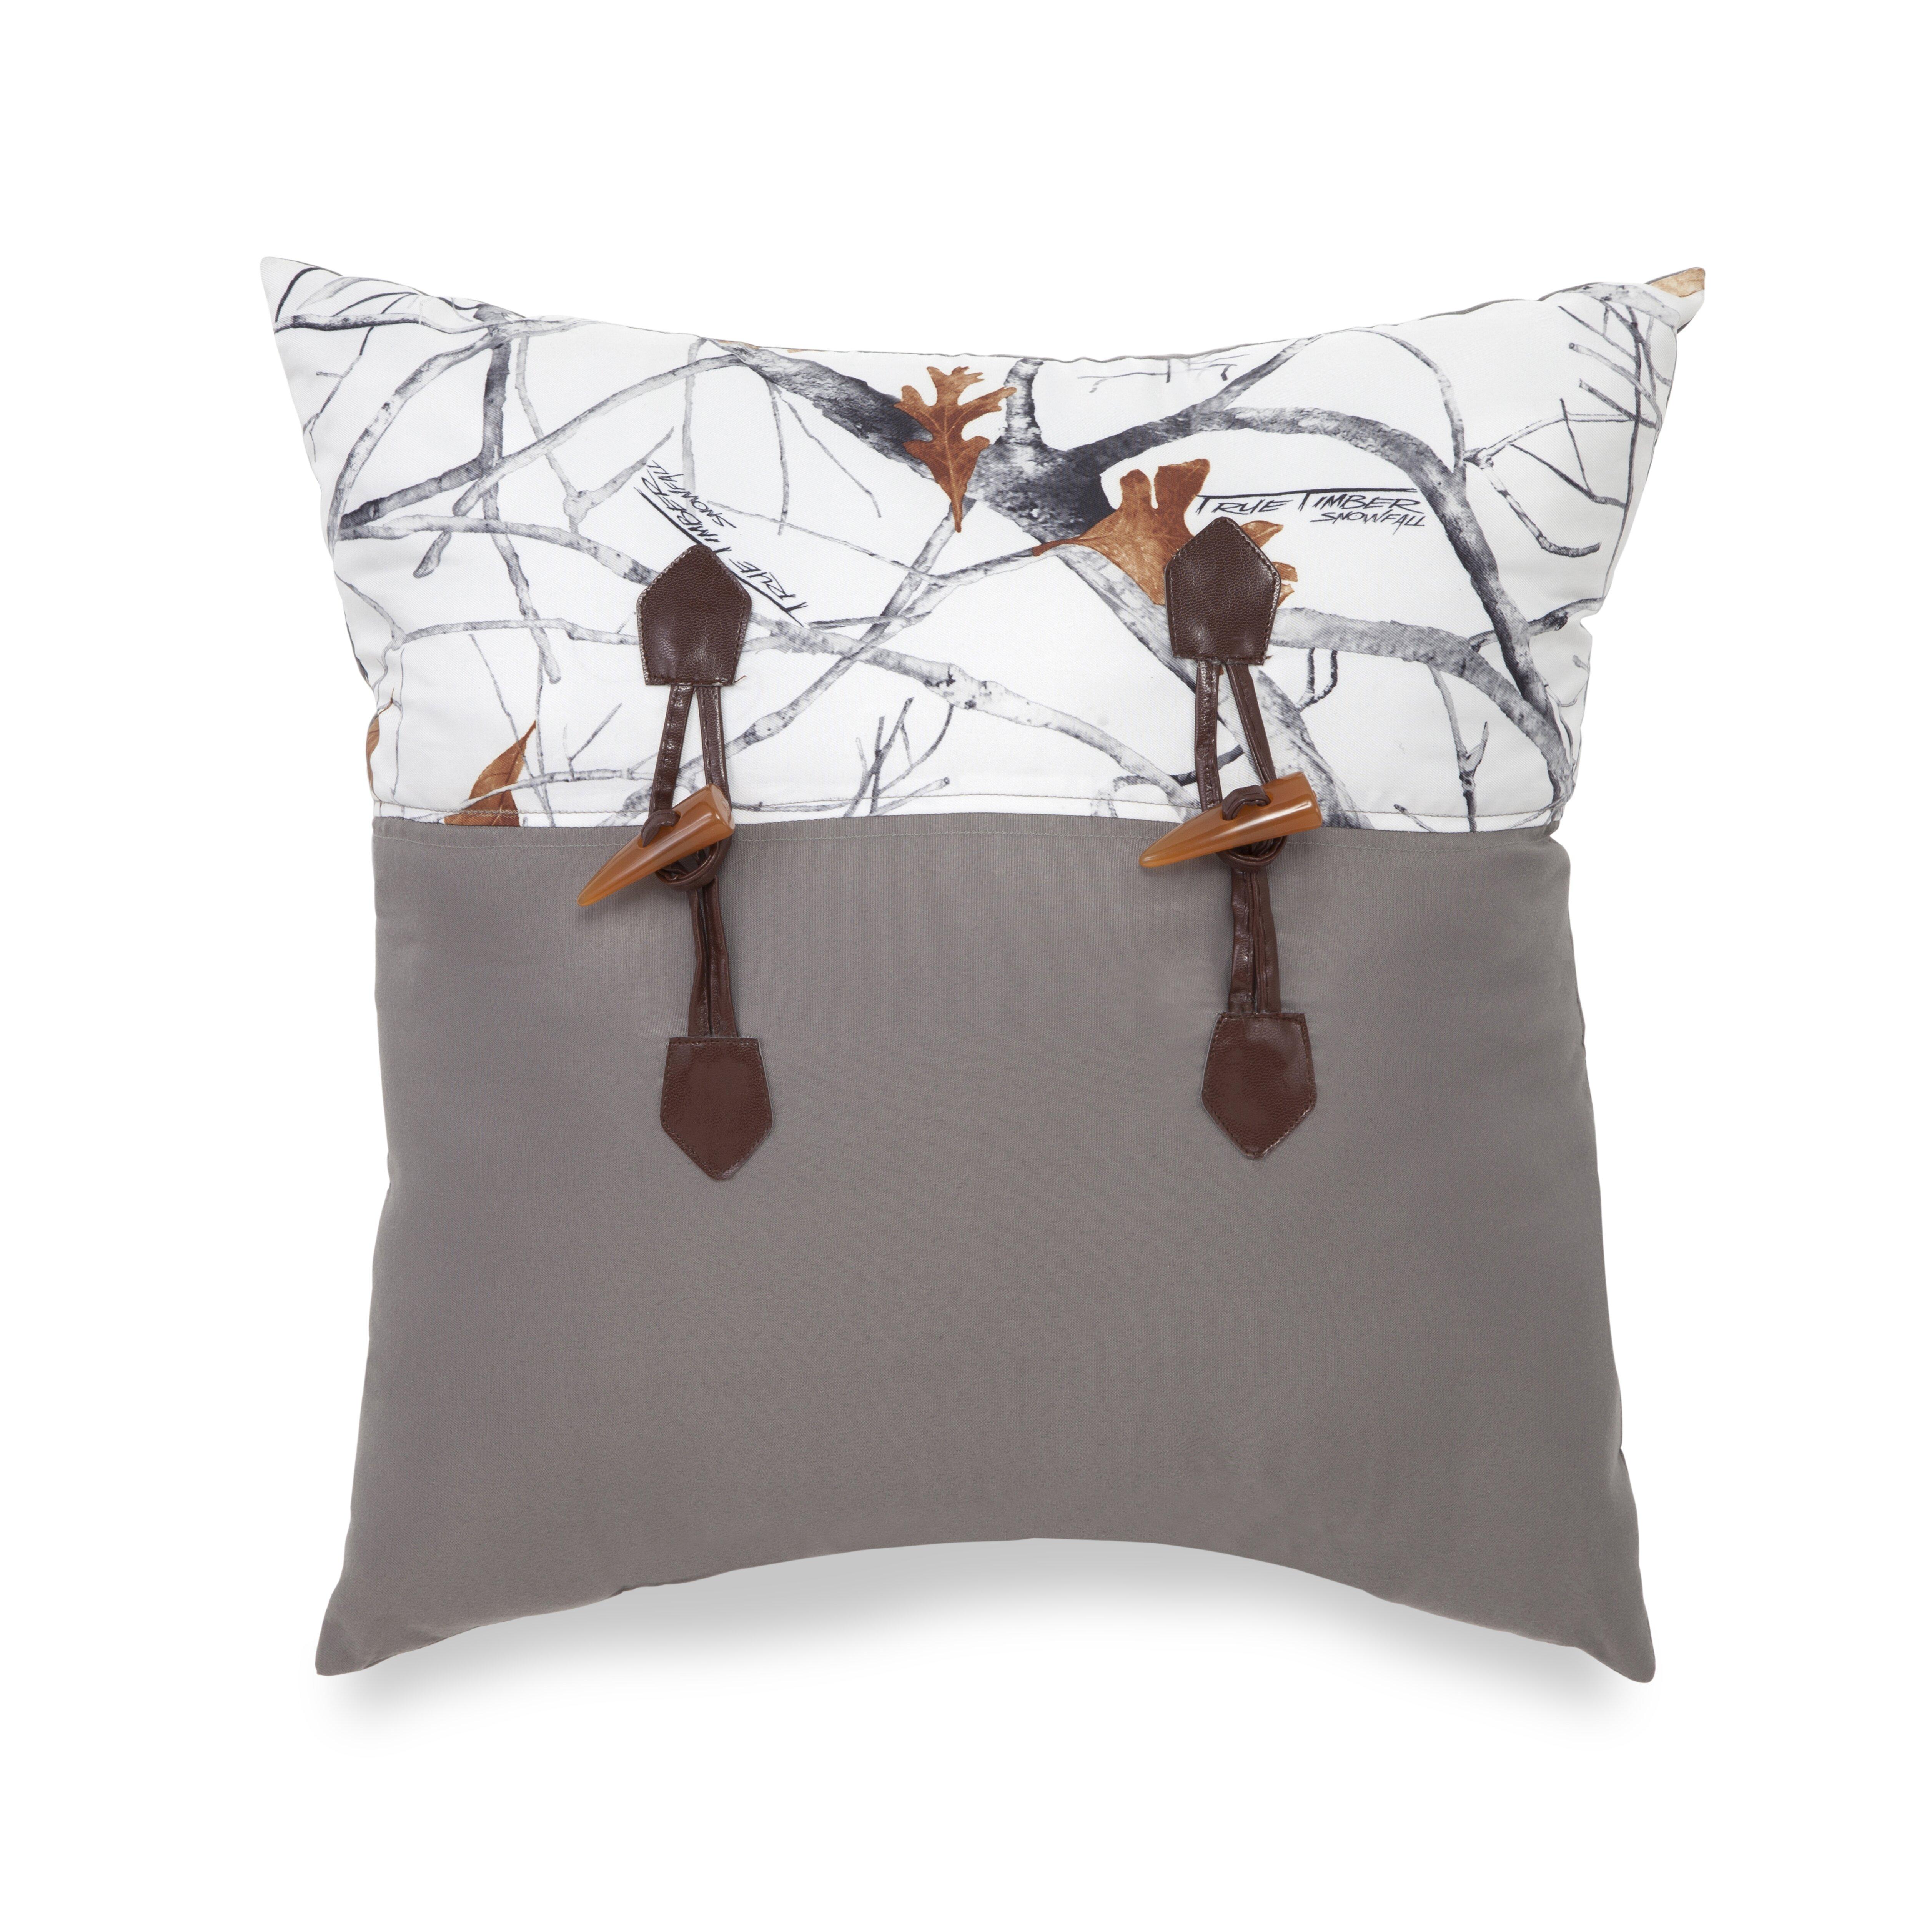 True Timber Snowfall Decorative Throw Pillow & Reviews | Wayfair - True Timber Snowfall Decorative Throw Pillow